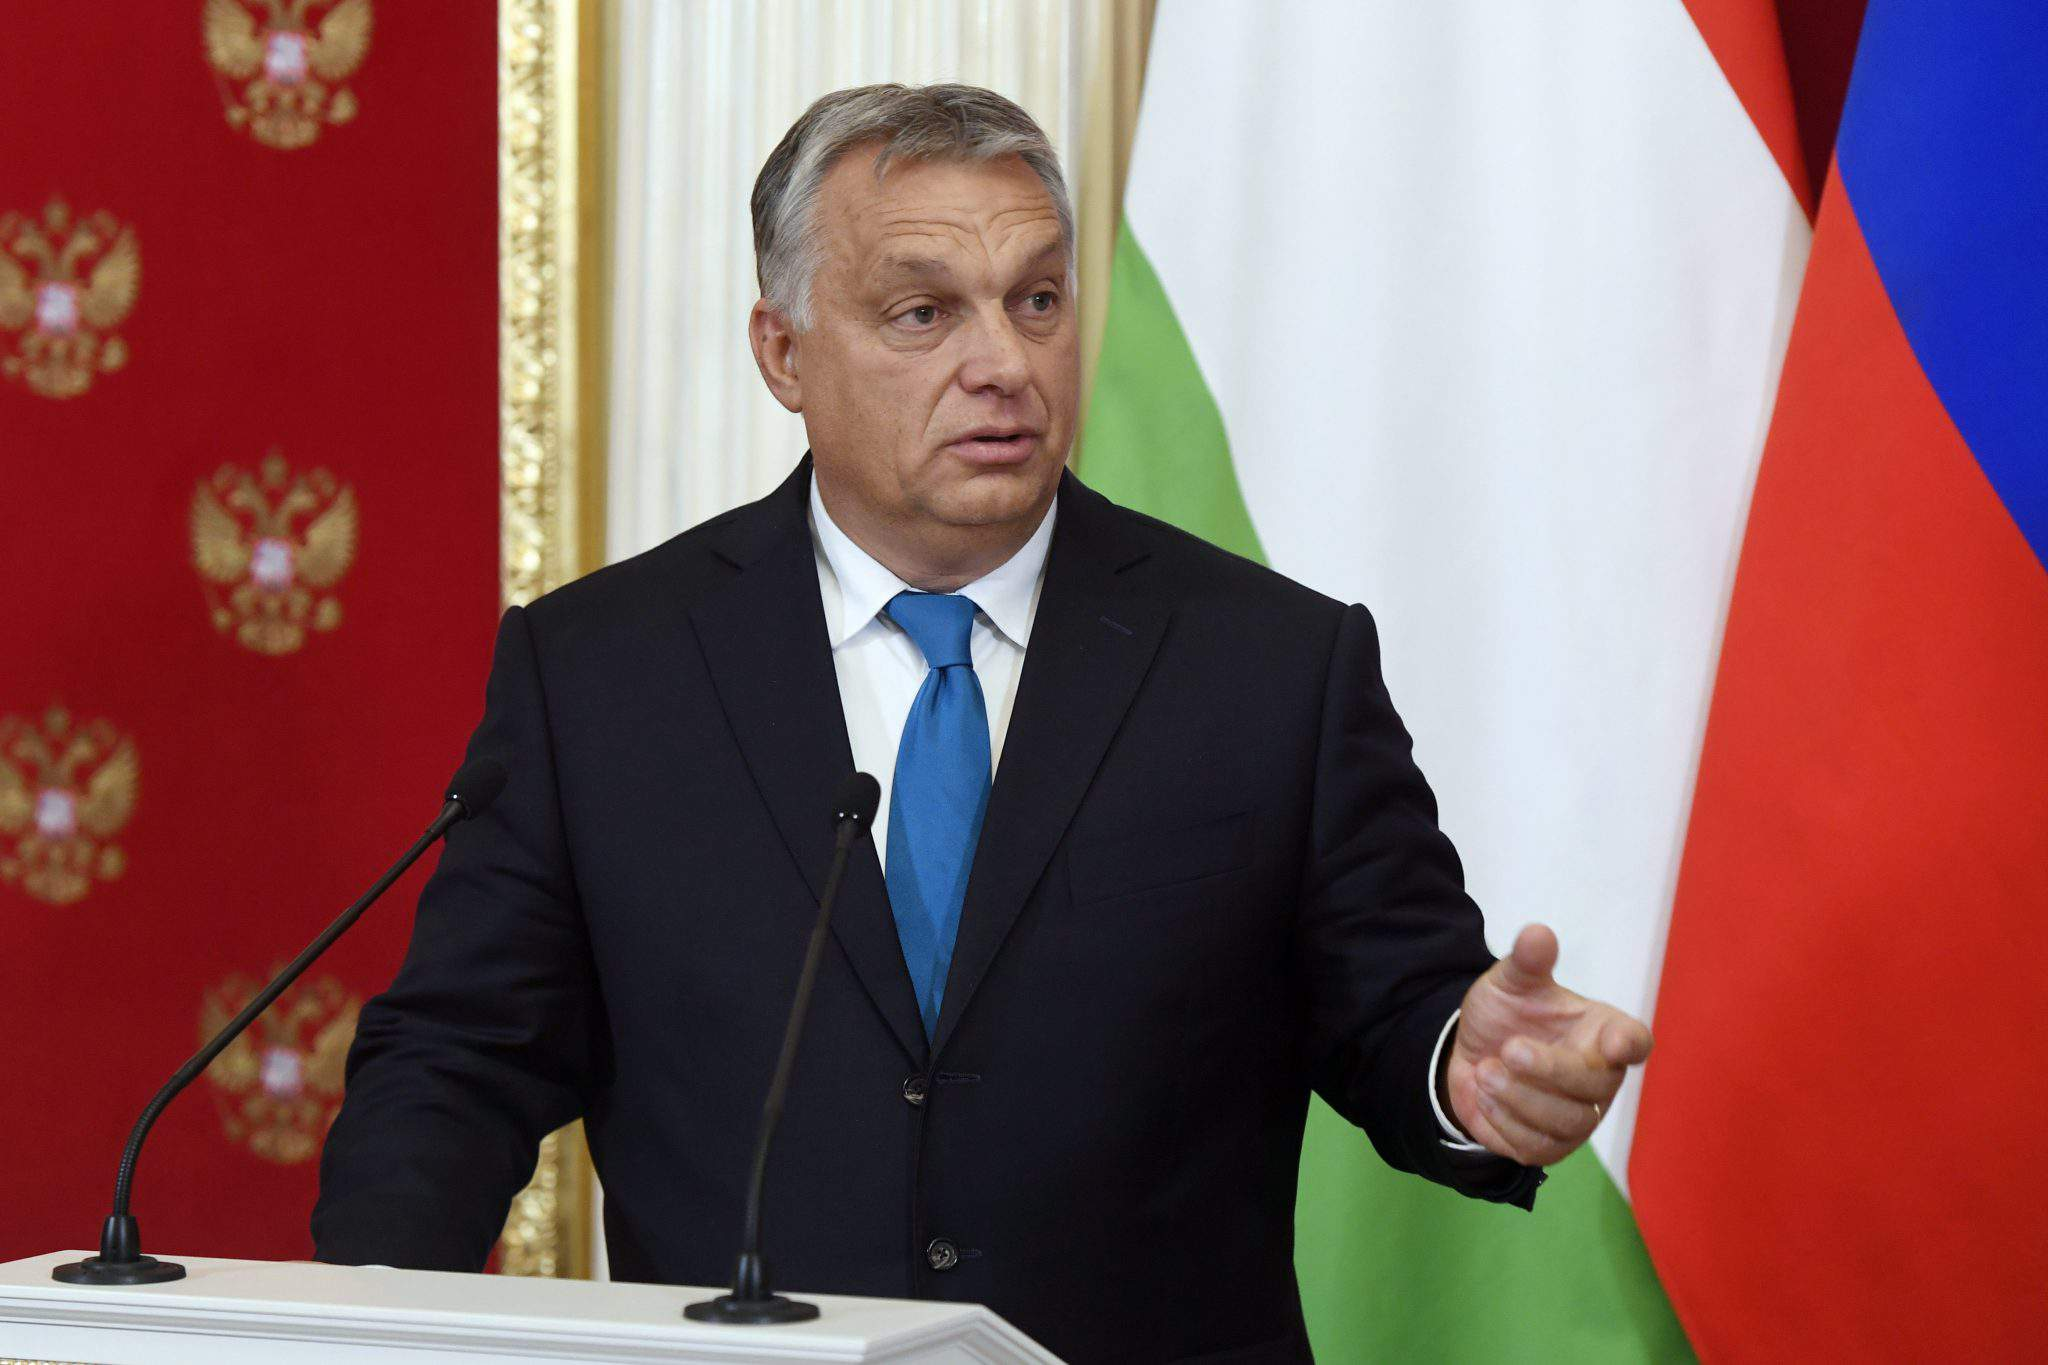 Orbán Moscow